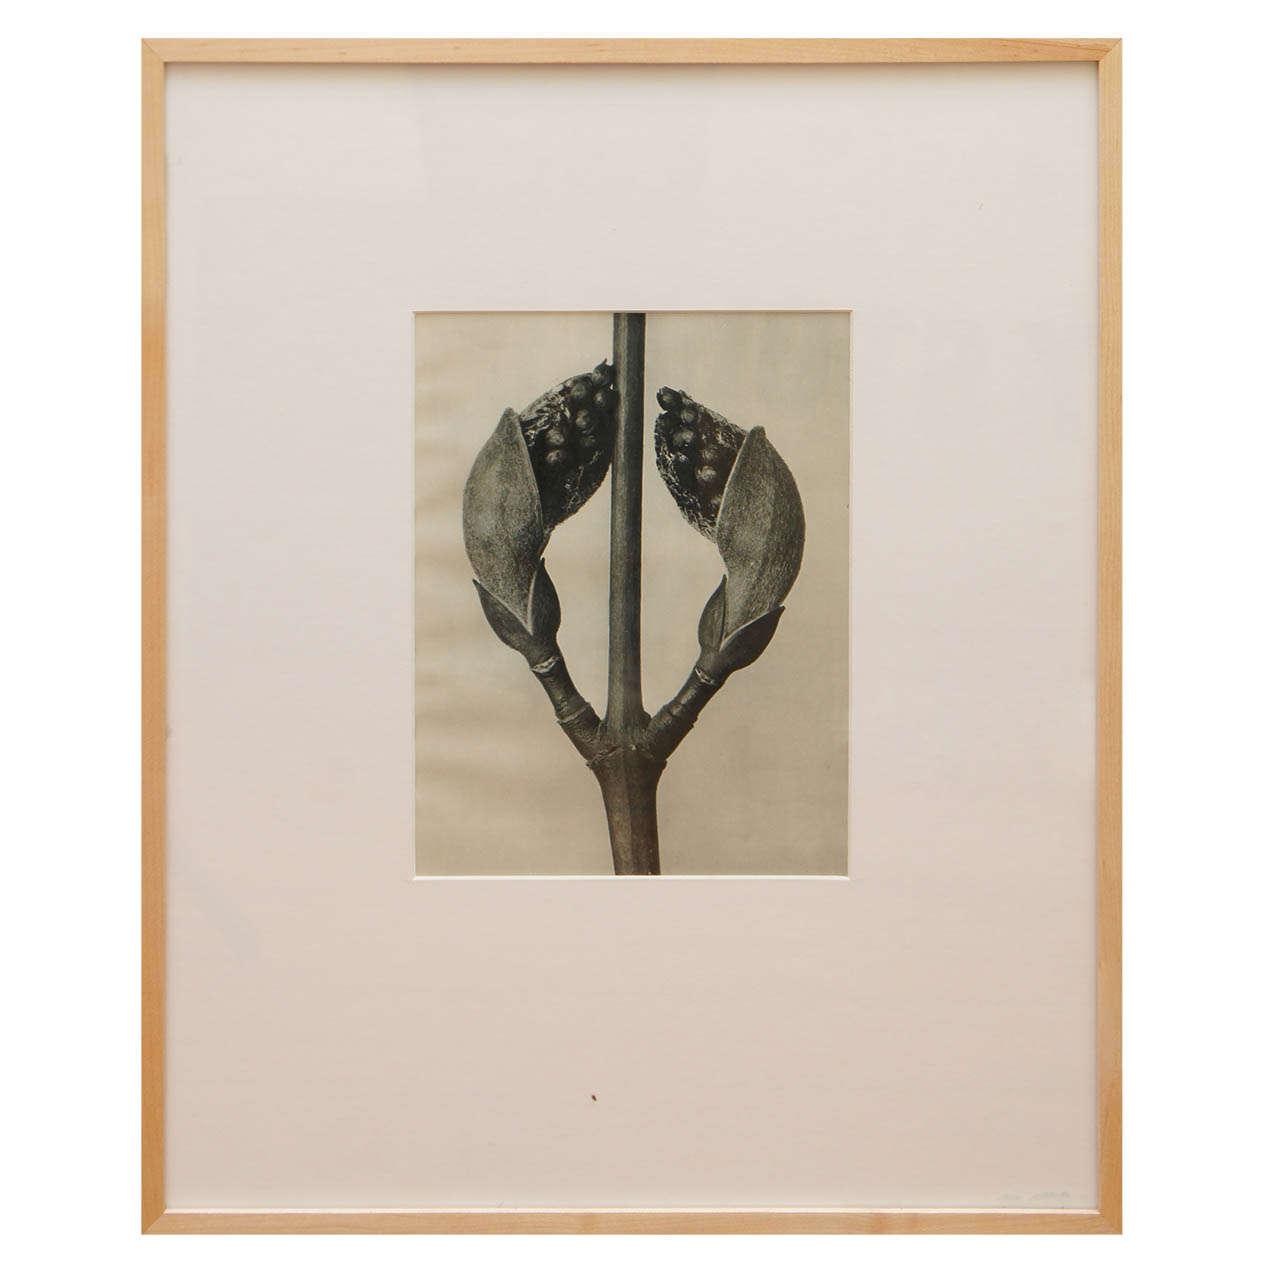 """Karl Blossfeldt, Botanical Image from """"Urformen Der Kunst"""""""